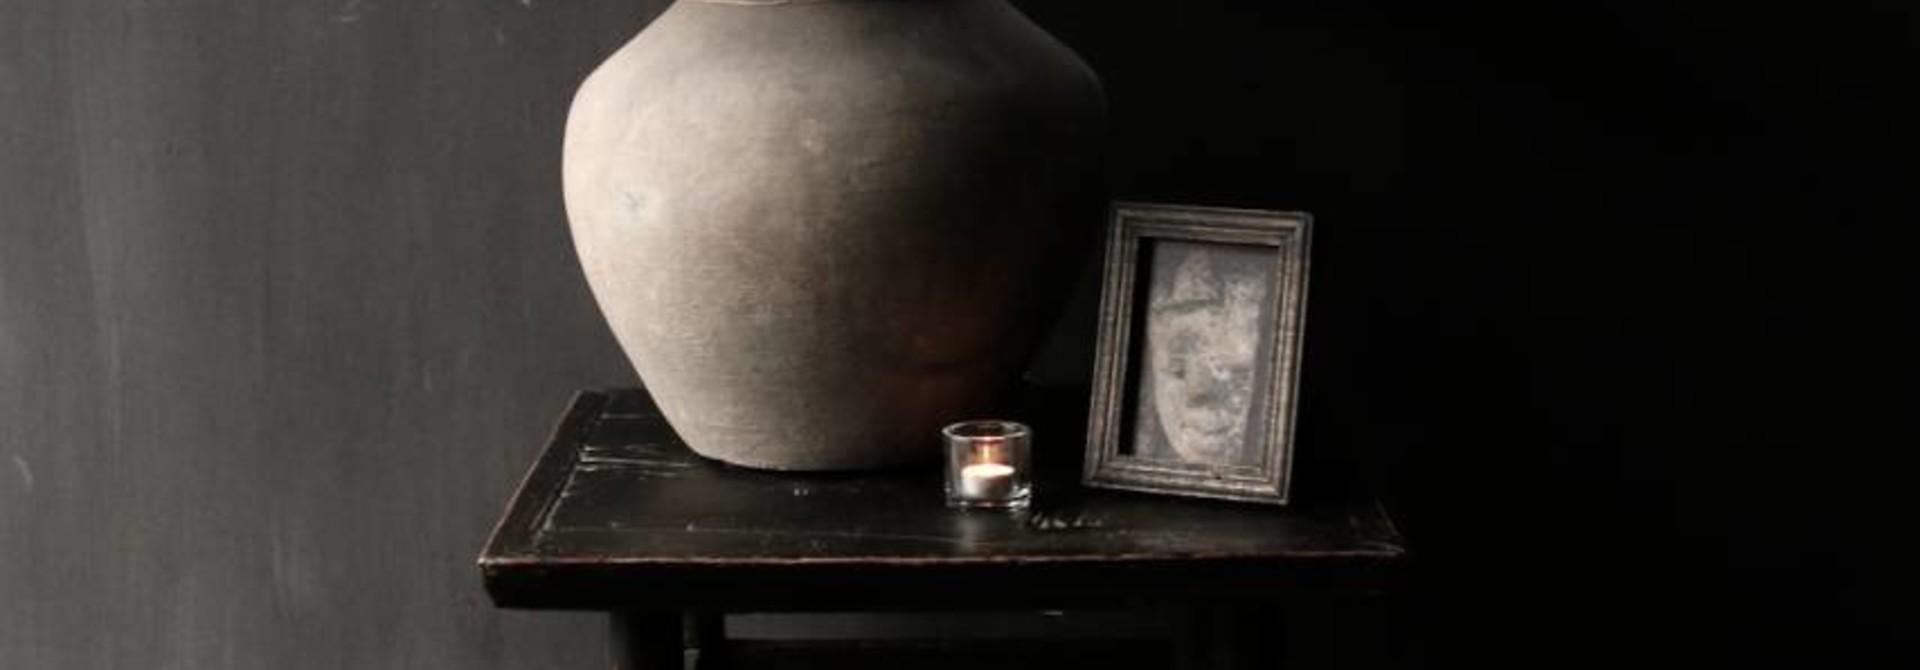 Alter authentischer hölzerner Salon / Beistelltisch Quadrat Einzigartiger Artikel